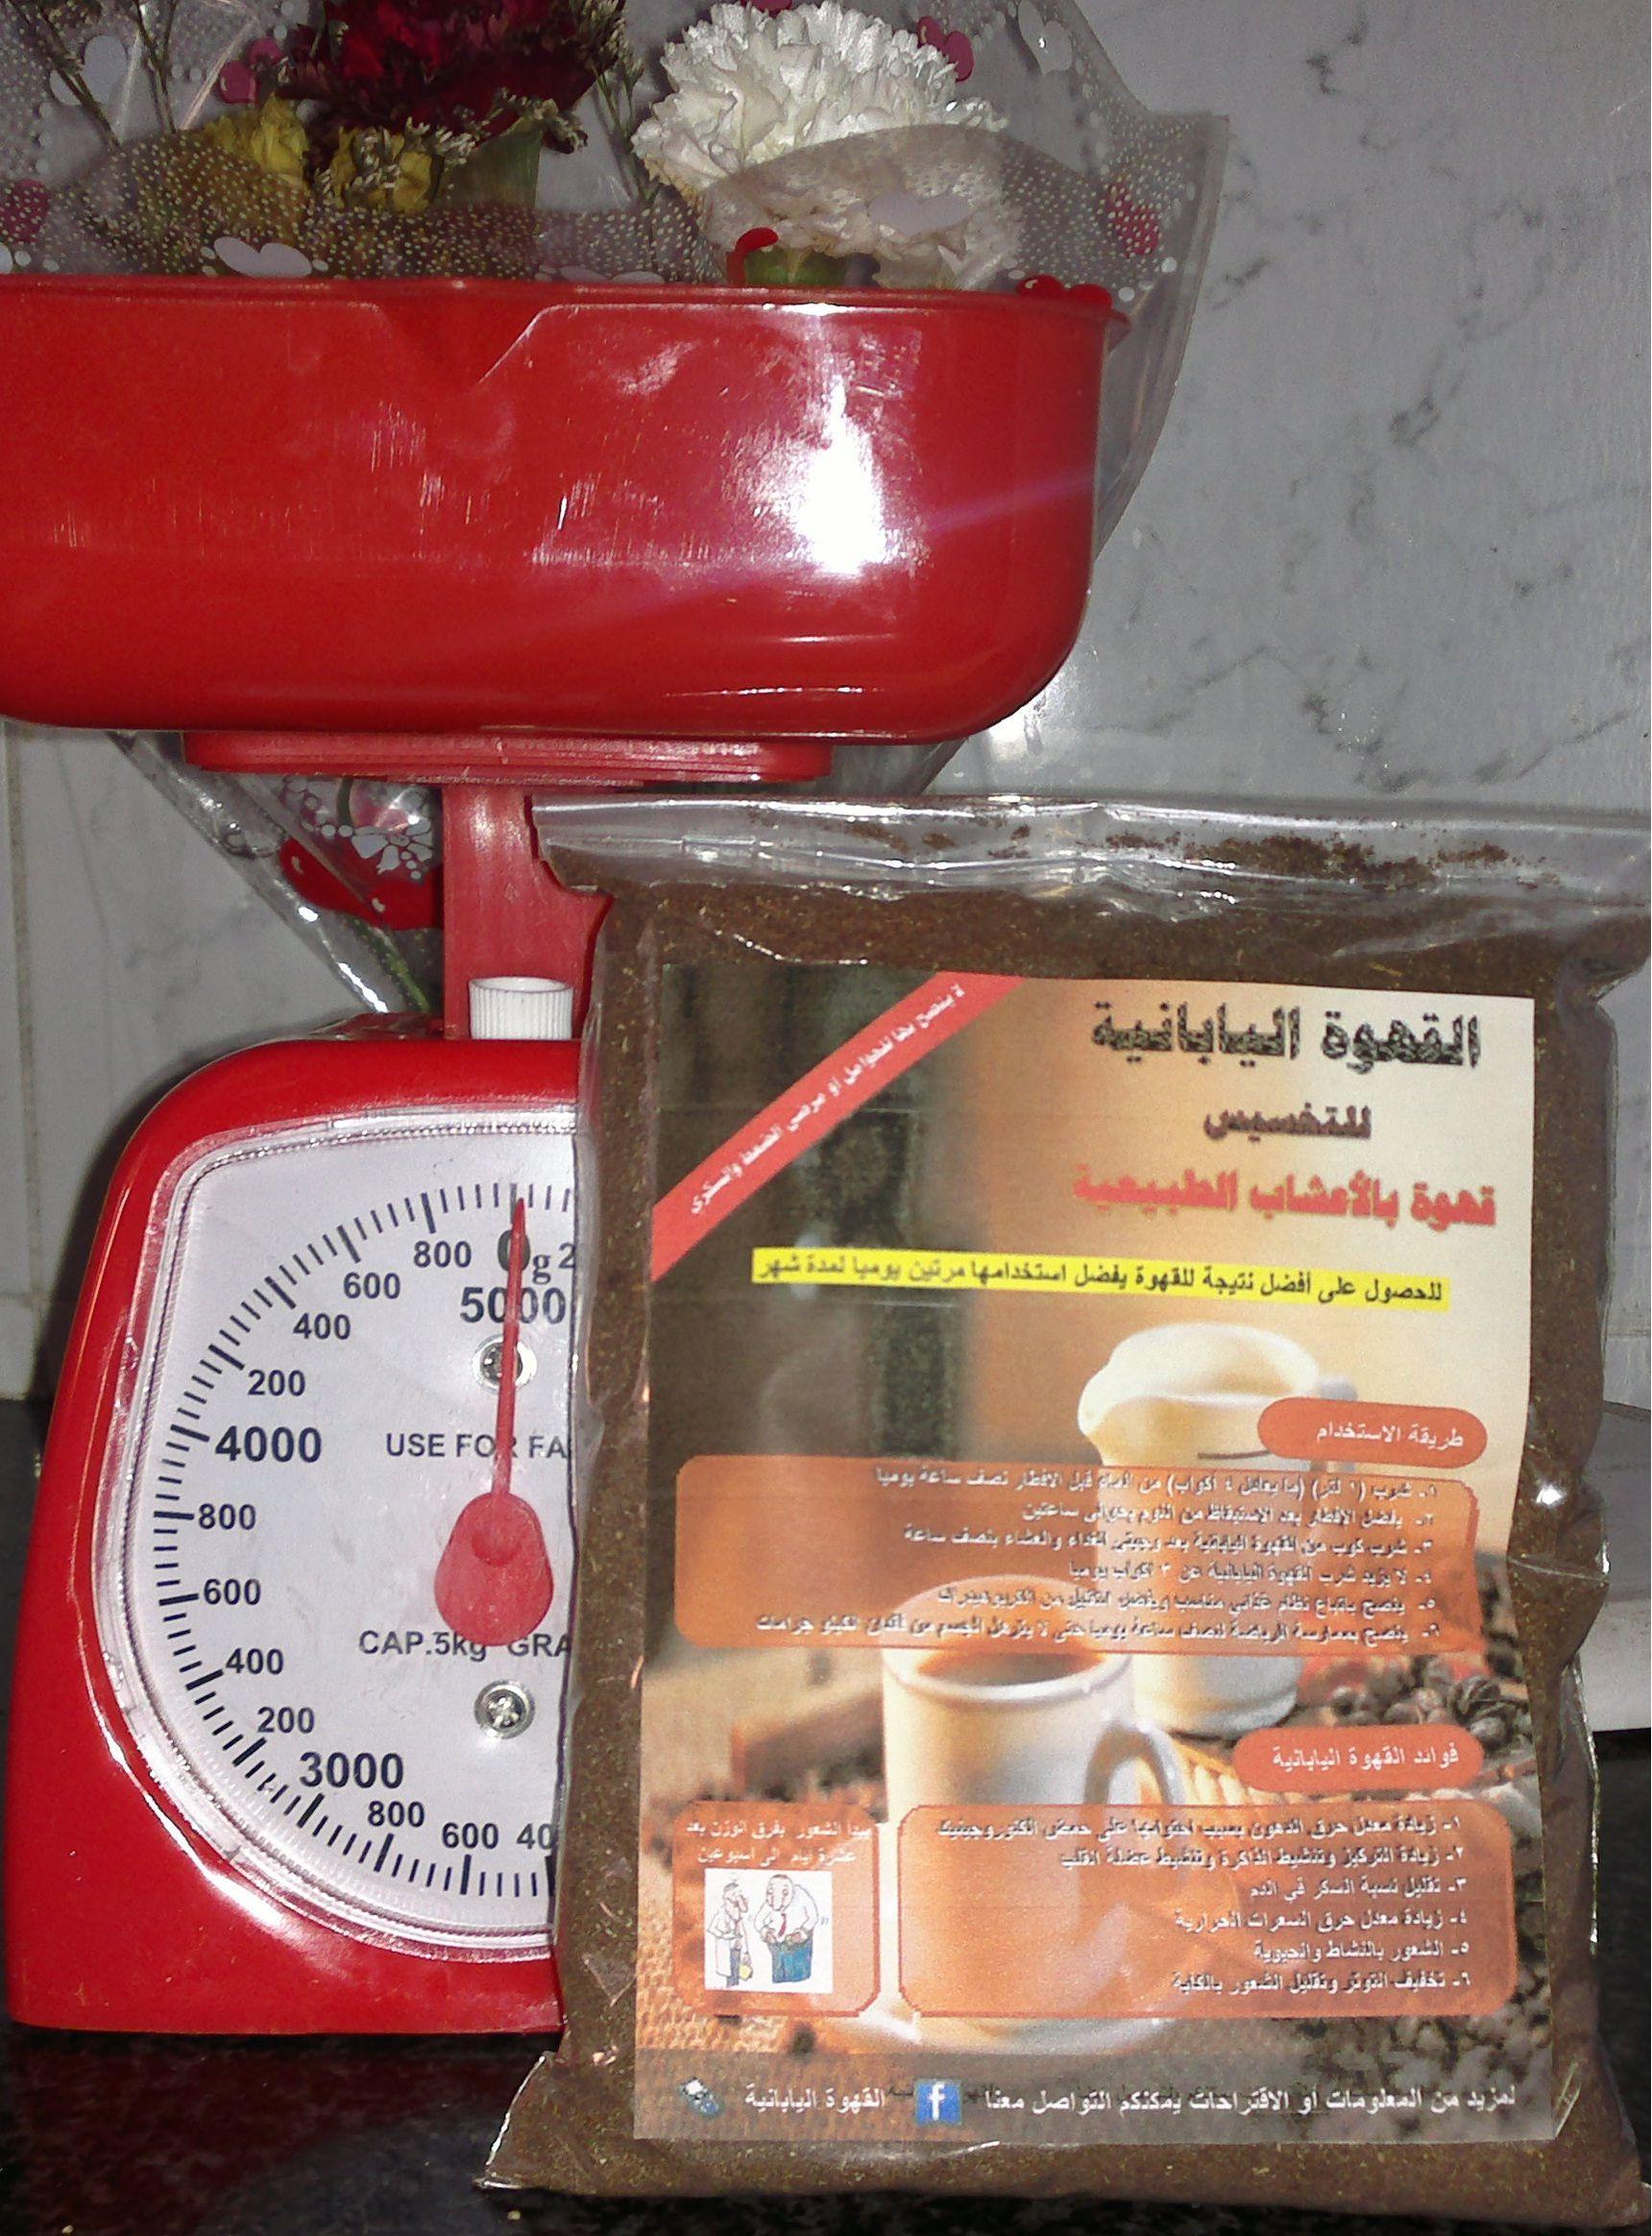 بعض صور من القهوة اليابانية للتخسيس للطلب من غزة جوال 0595238102 Cooking Timer Cooking Timer